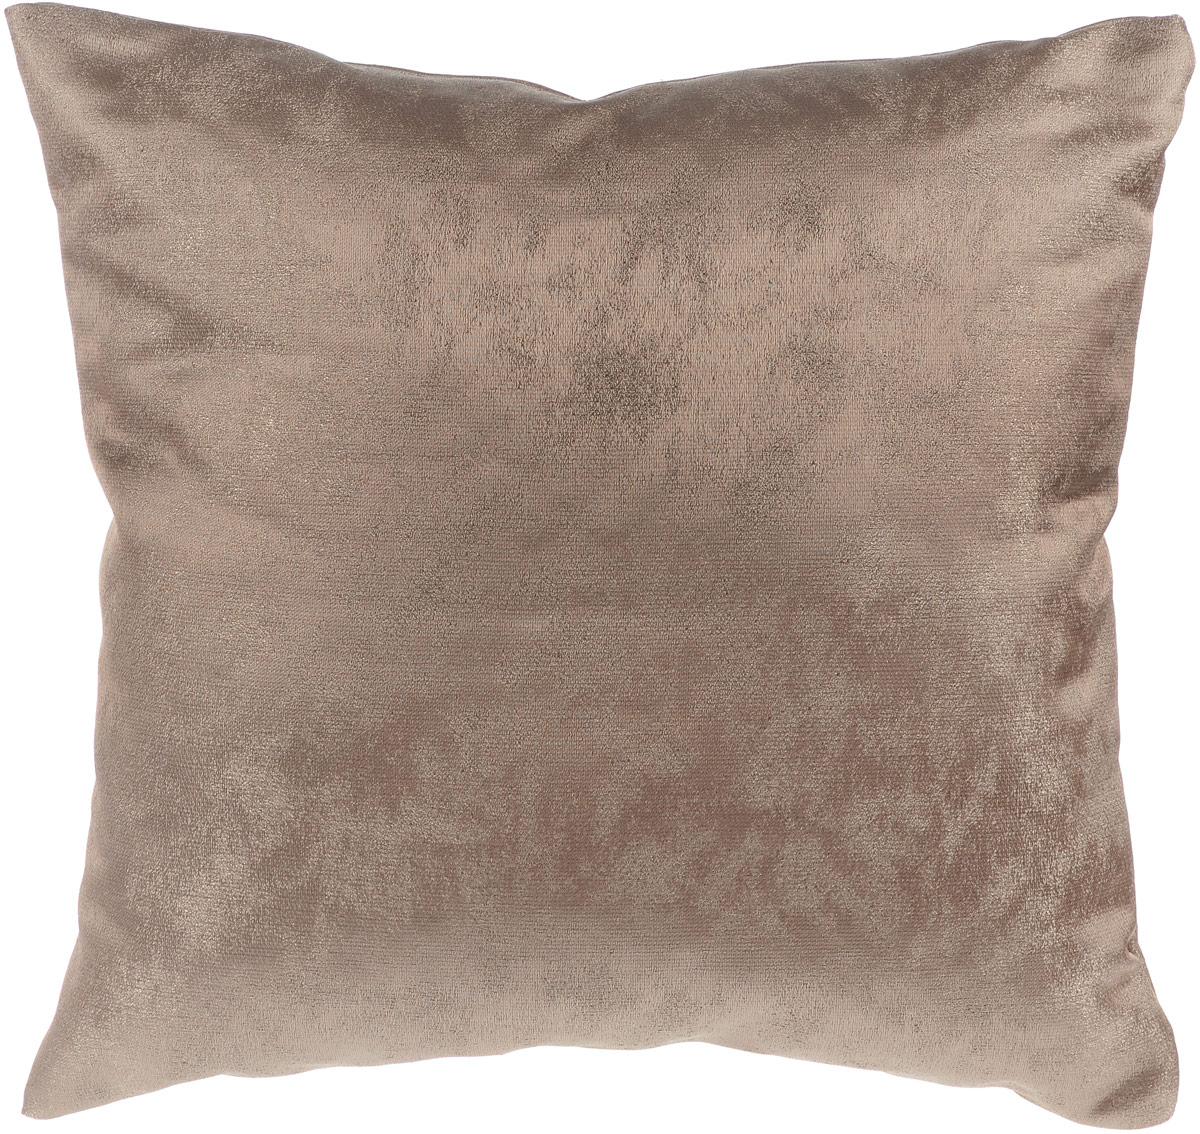 Подушка декоративная KauffOrt Магия, цвет: кофейный, 40 x 40 см10503Декоративная подушка Магия прекрасно дополнит интерьер спальни или гостиной. Очень нежный на ощупь чехол подушки выполнен из прочного полиэстера. Внутри находится мягкий наполнитель. Чехол легко снимается благодаря потайной молнии. Красивая подушка создаст атмосферу уюта и комфорта в спальне и станет прекрасным элементом декора.